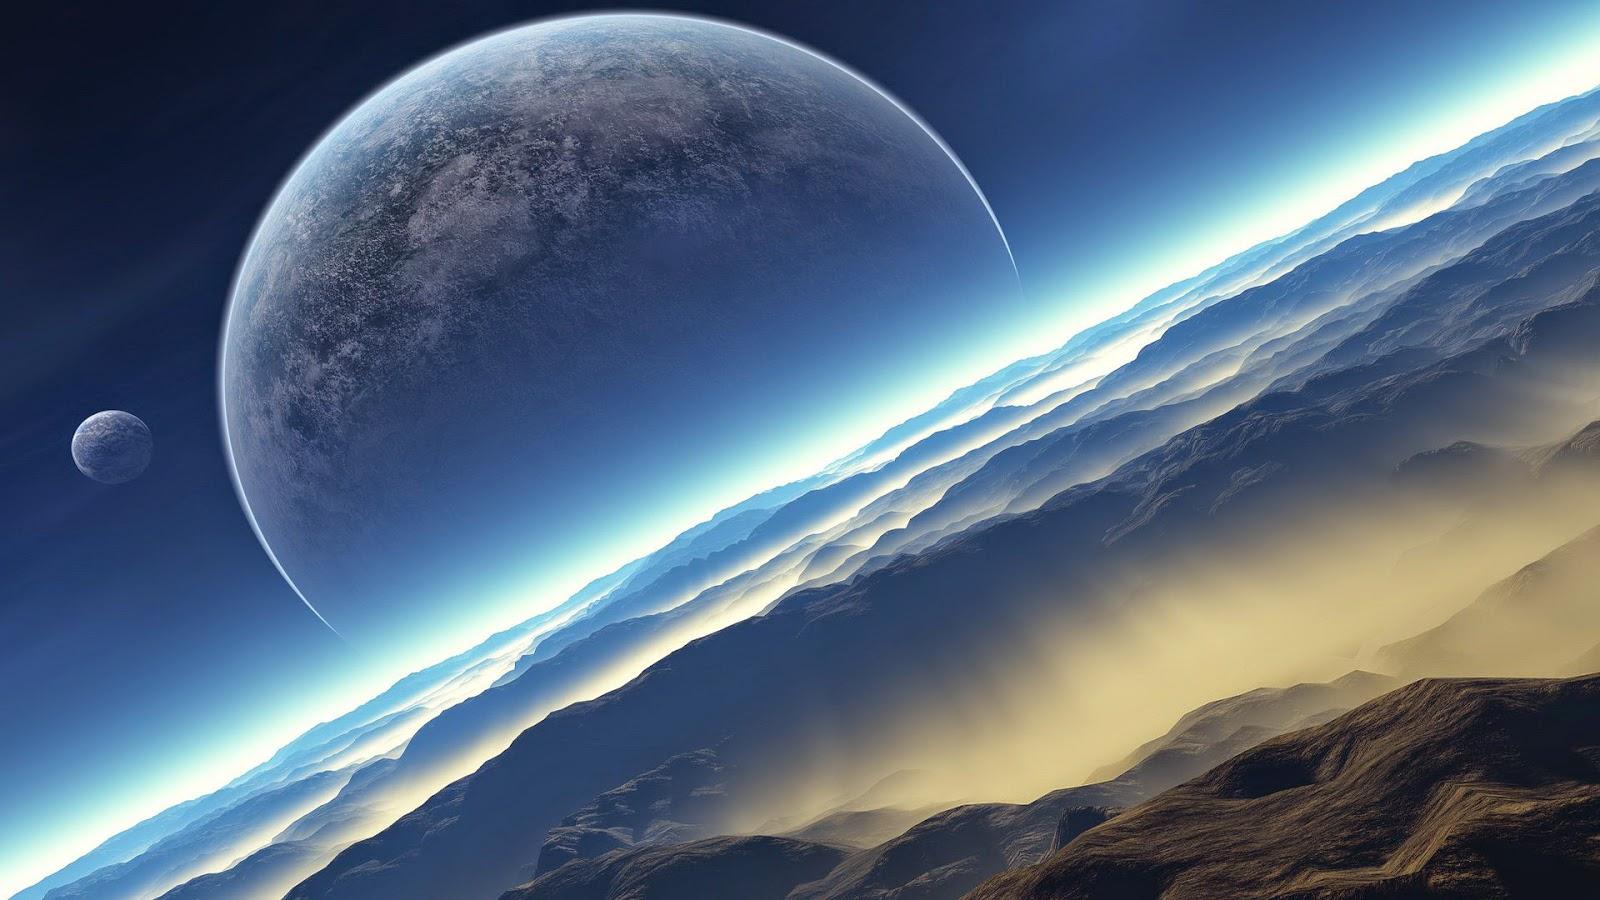 اجمل خلفيات الفضاء hd